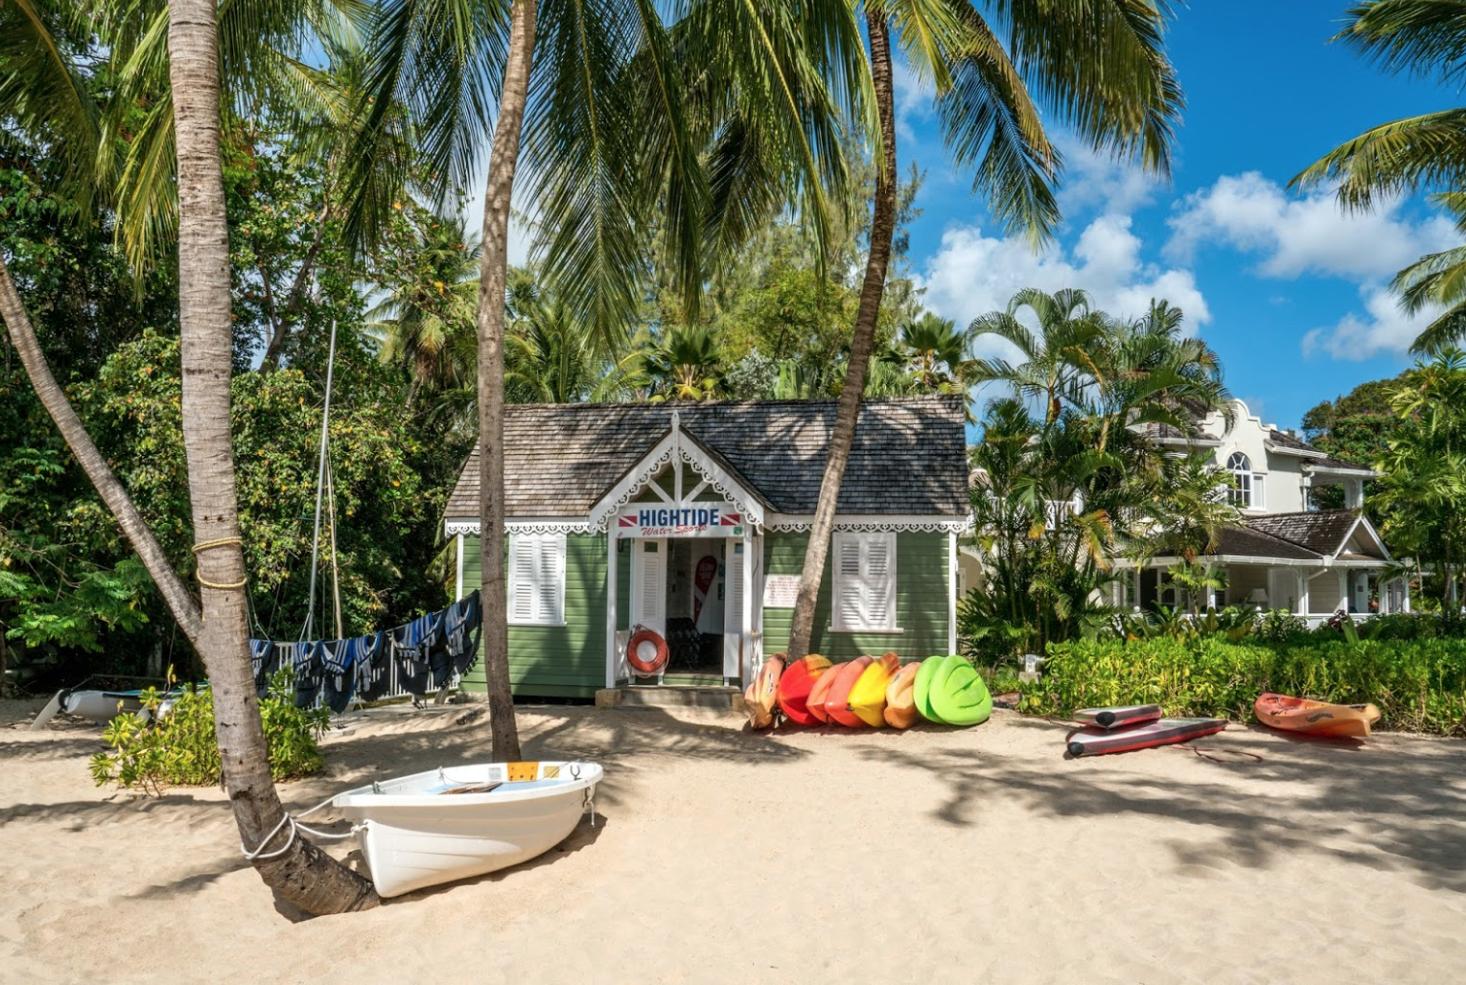 Water sports hut